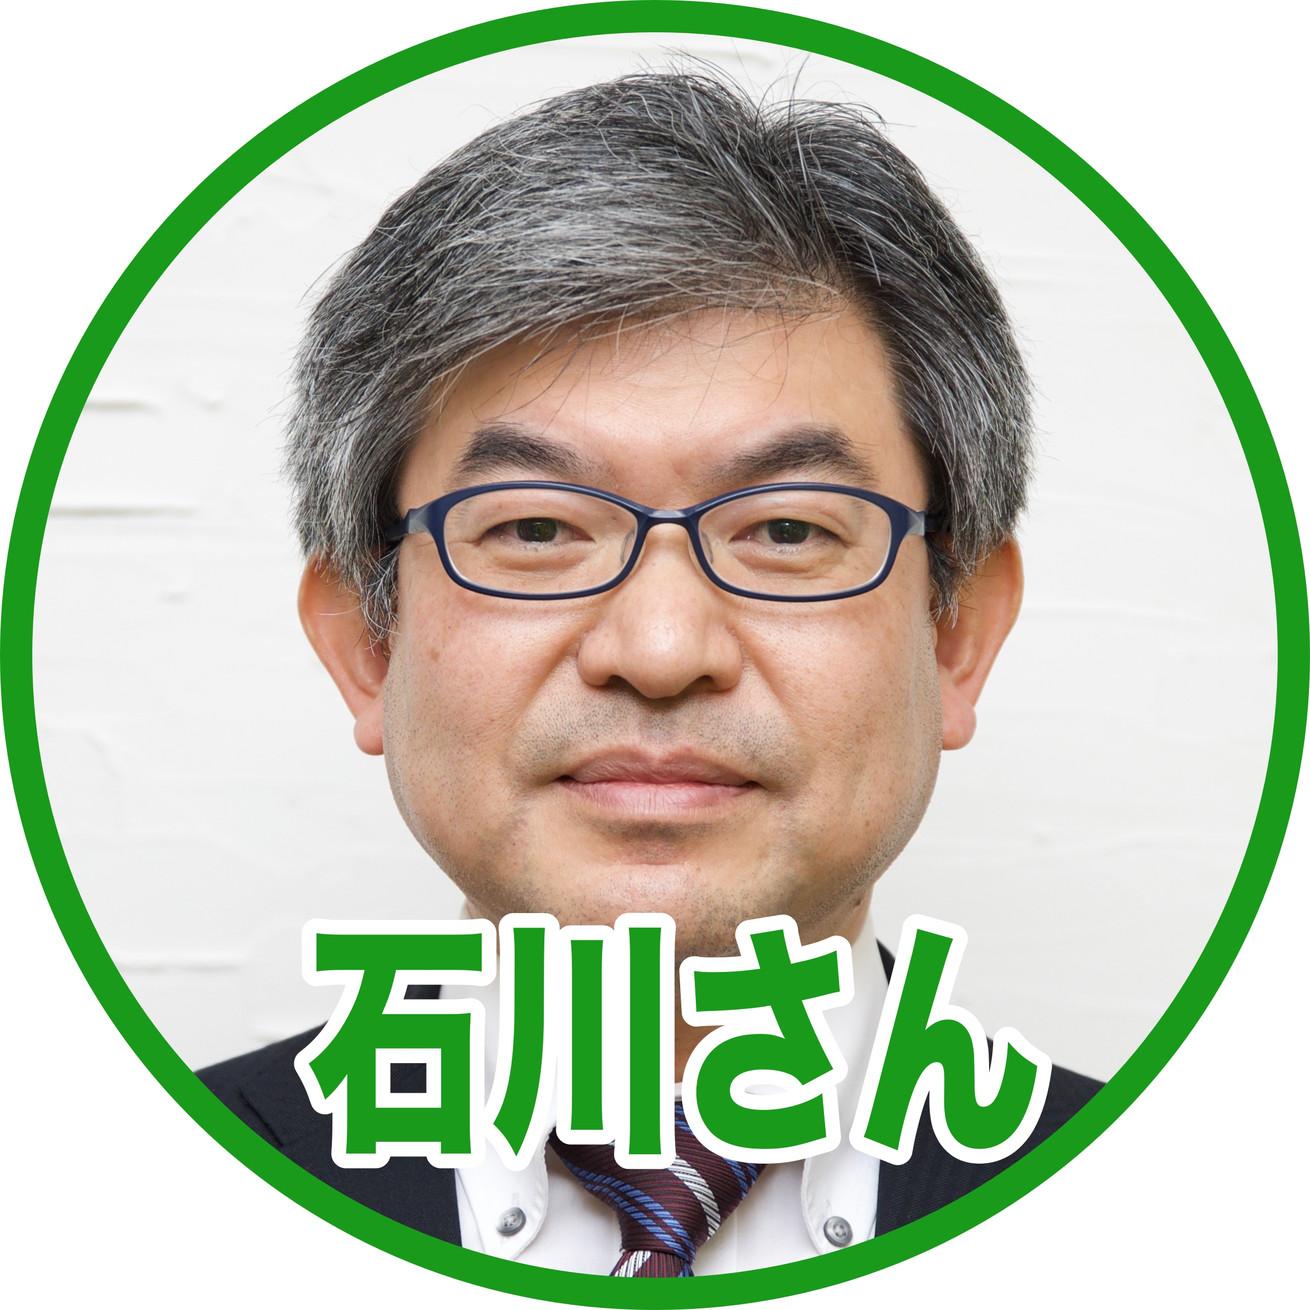 石川さん枠つき顔